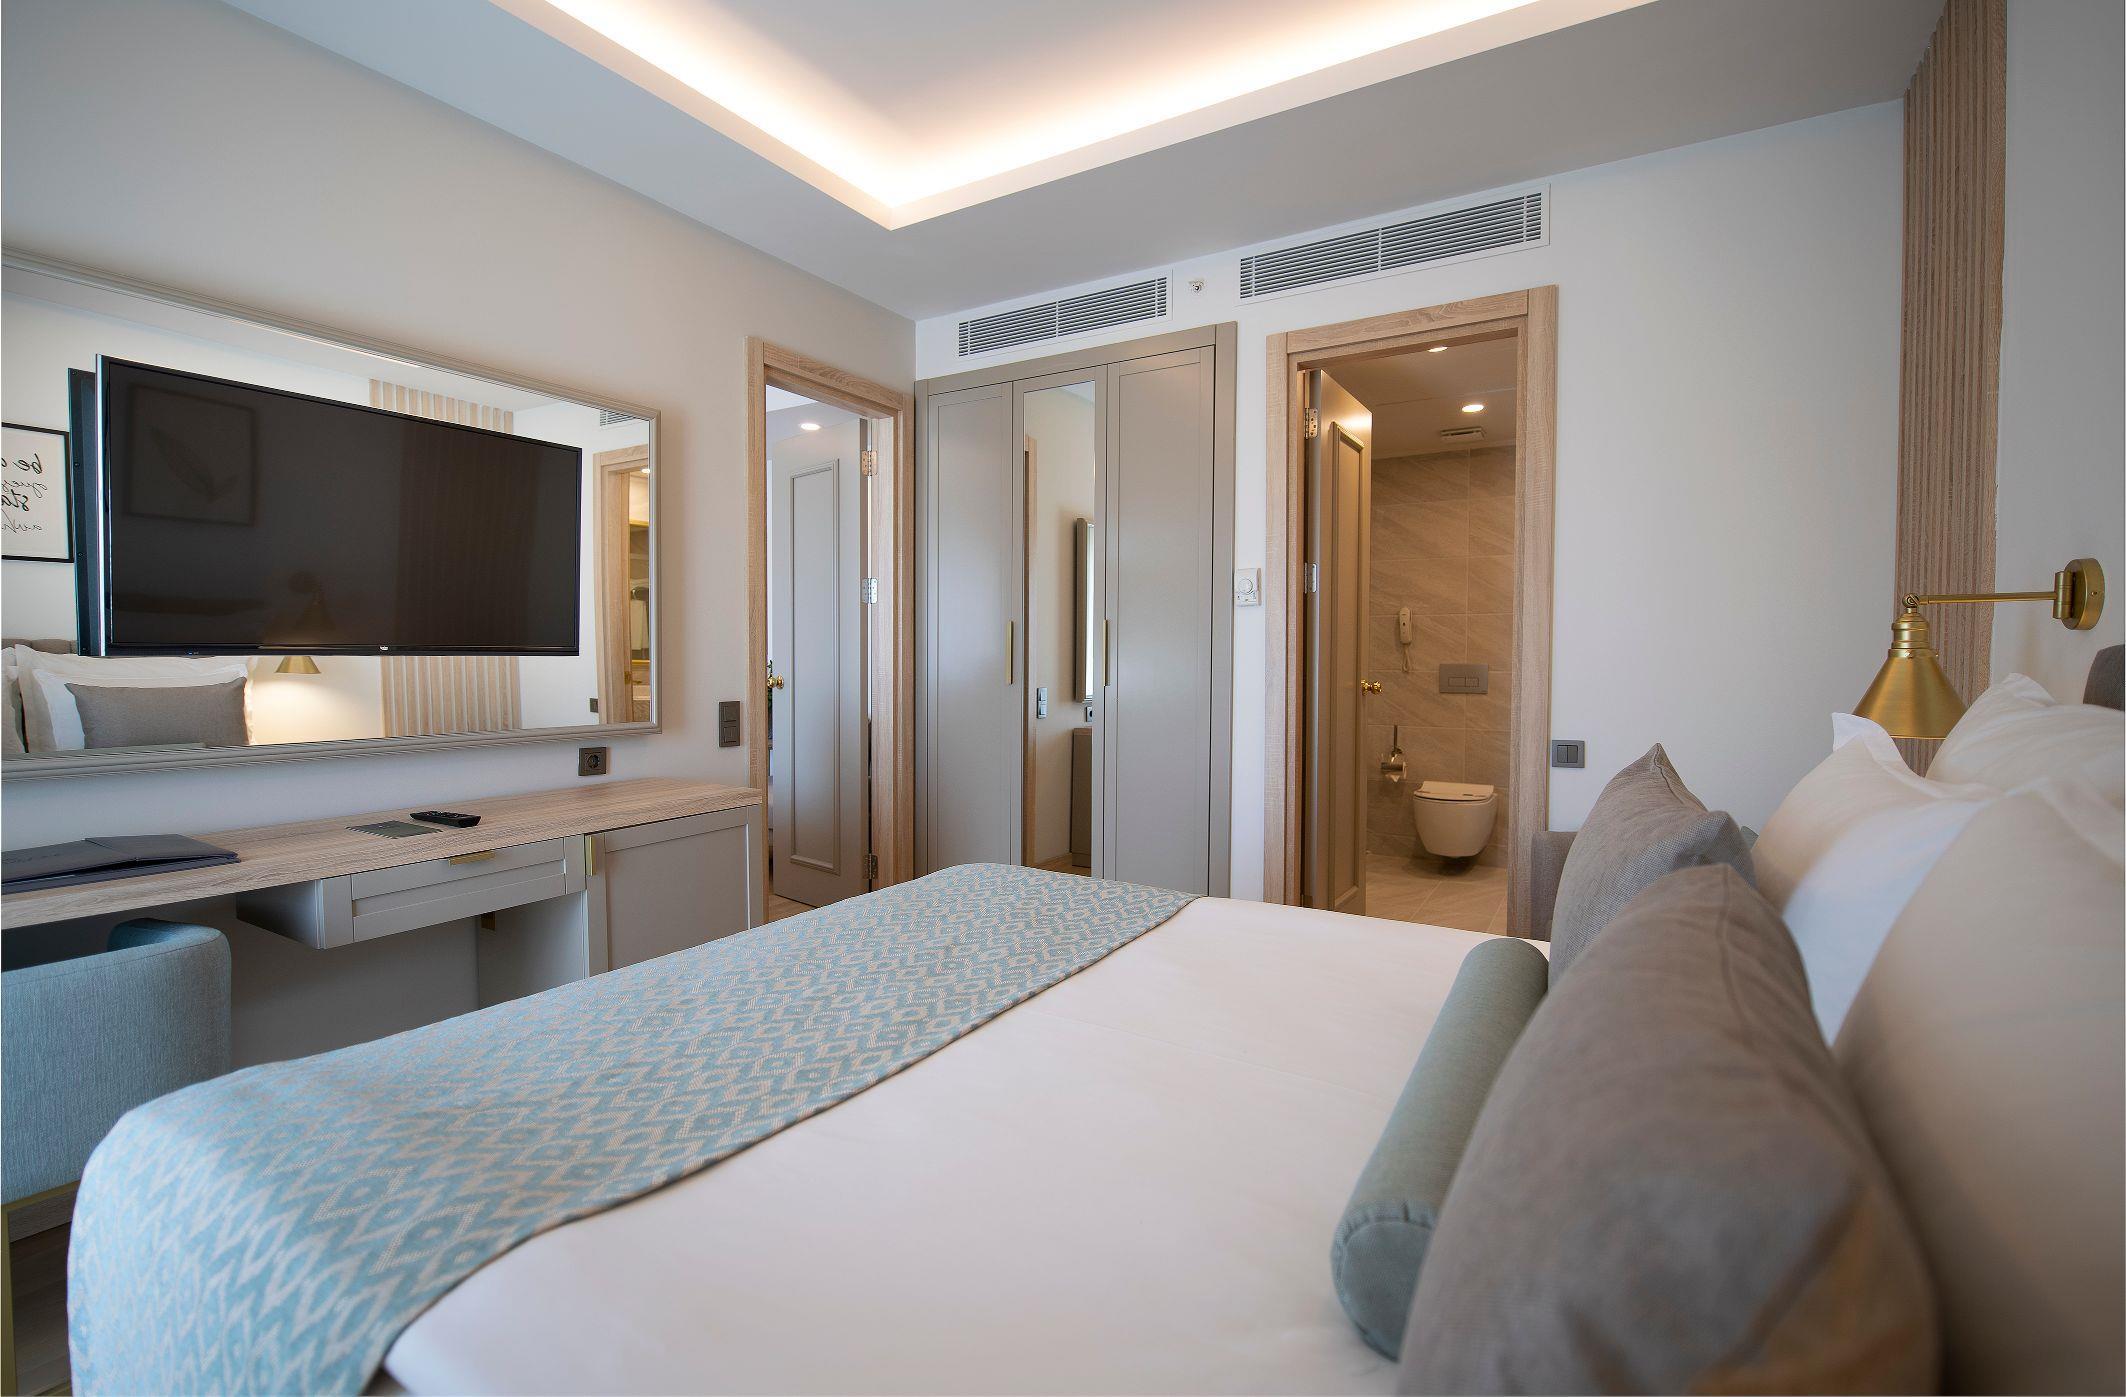 http://www.orextravel.sk/OREX/hotelphotos/miramare-queen-hotel-general-0037.jpg